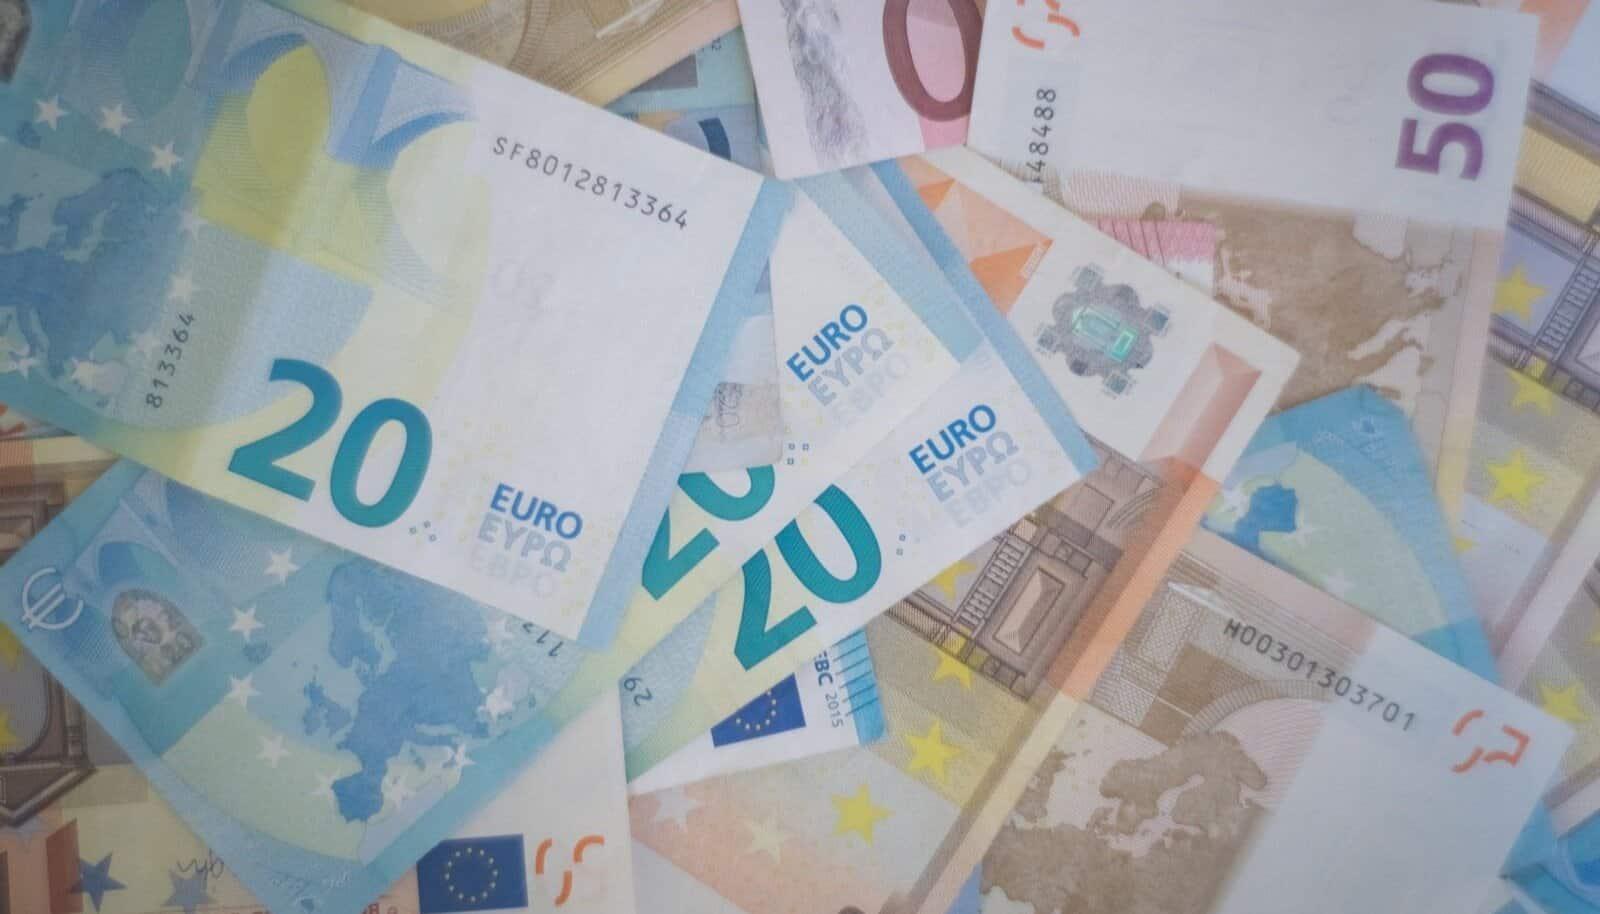 Maksut Paimio Jokipuisto